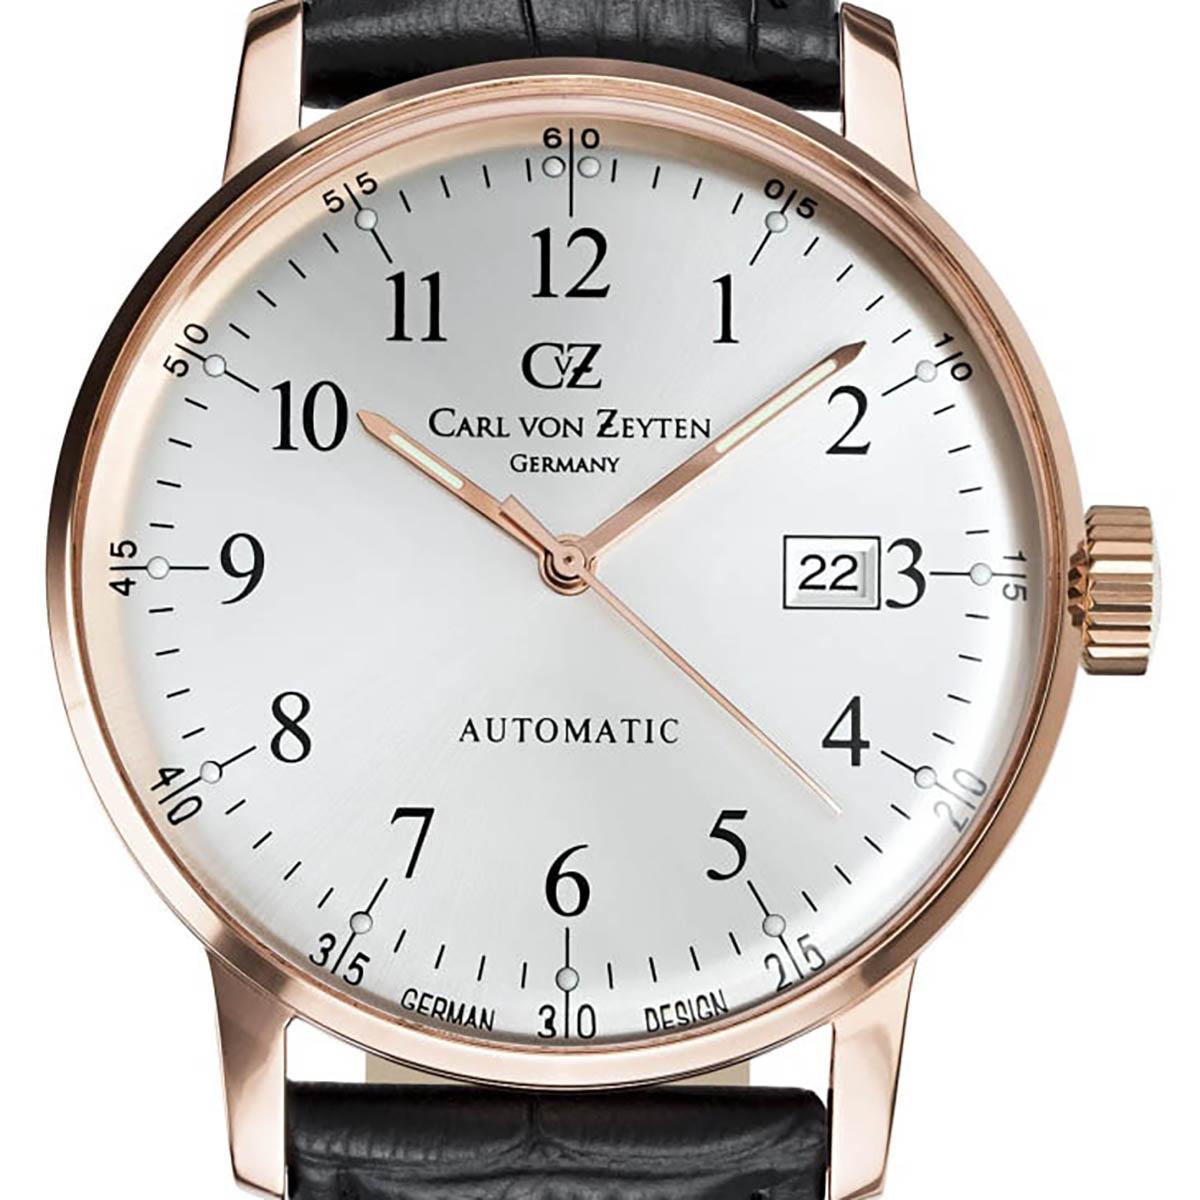 Carl von Zeyten カール・フォン・ツォイテン 自動巻き(手巻き機能あり) 腕時計 [CvZ0009RWH] 正規品  デイト